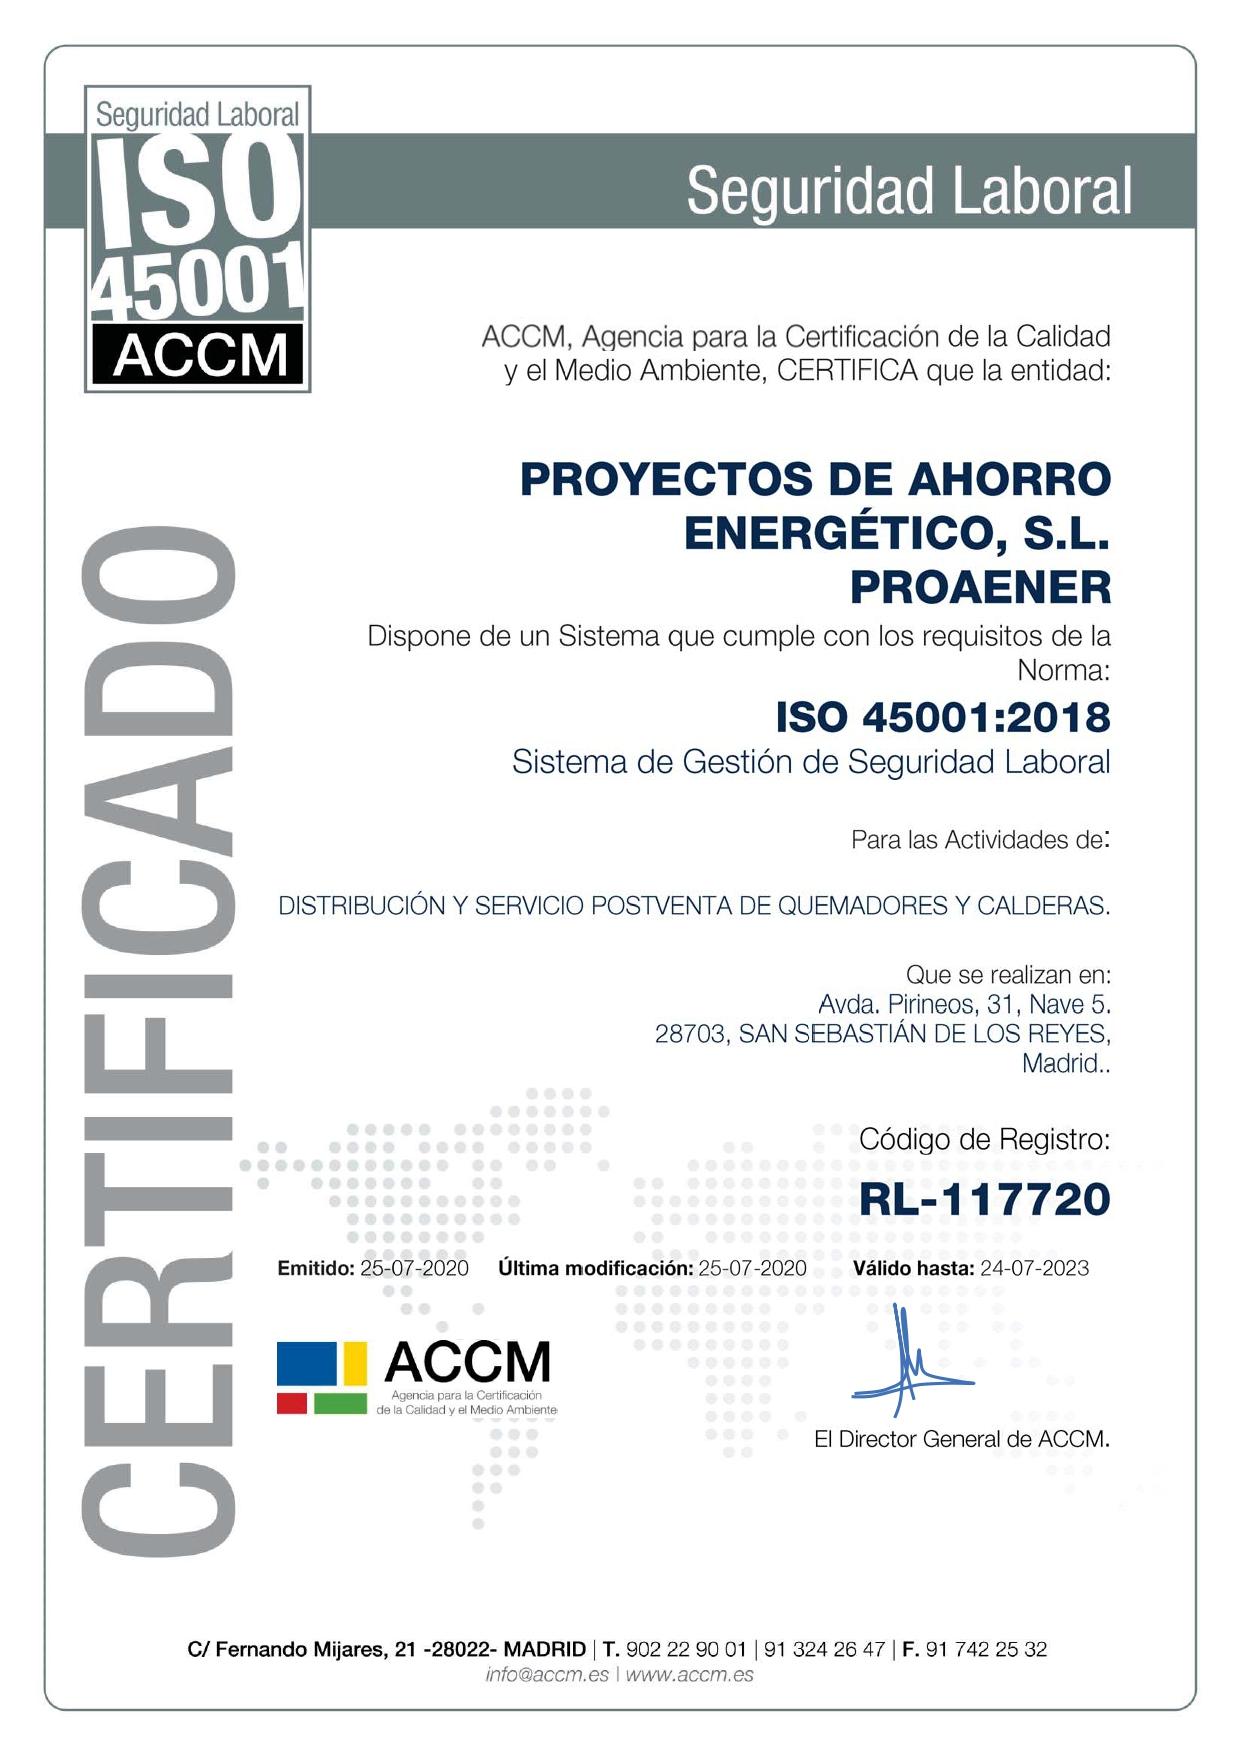 Proaener ISO 45001 - RL-117720